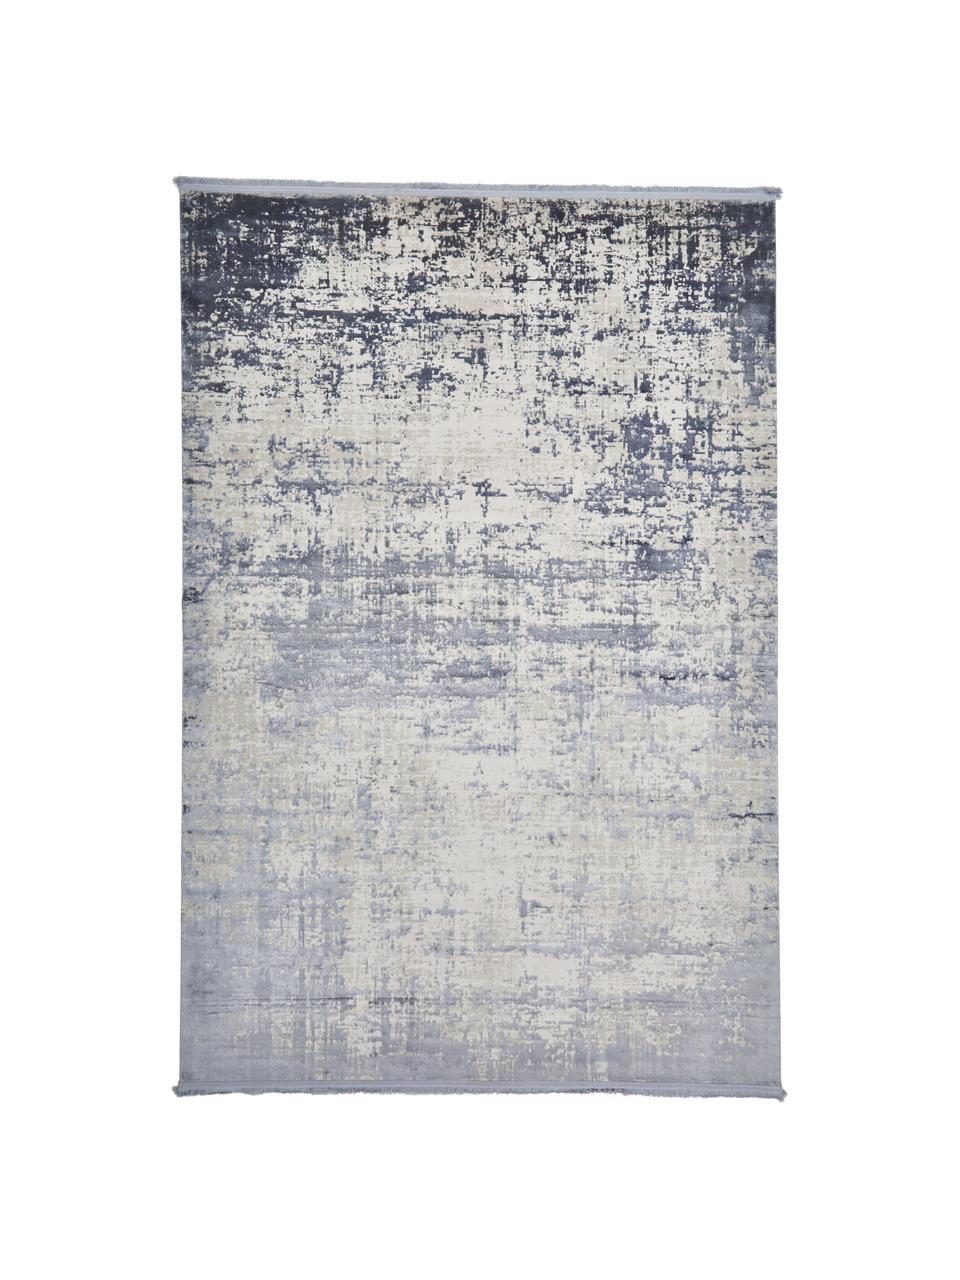 Glanzend vloerkleed Cordoba met franjes, vintage stijl, Bovenzijde: 70% acryl, 30% viscose, Onderzijde: katoen, Blauw, grijs, B 130 x L 190 cm (maat S)